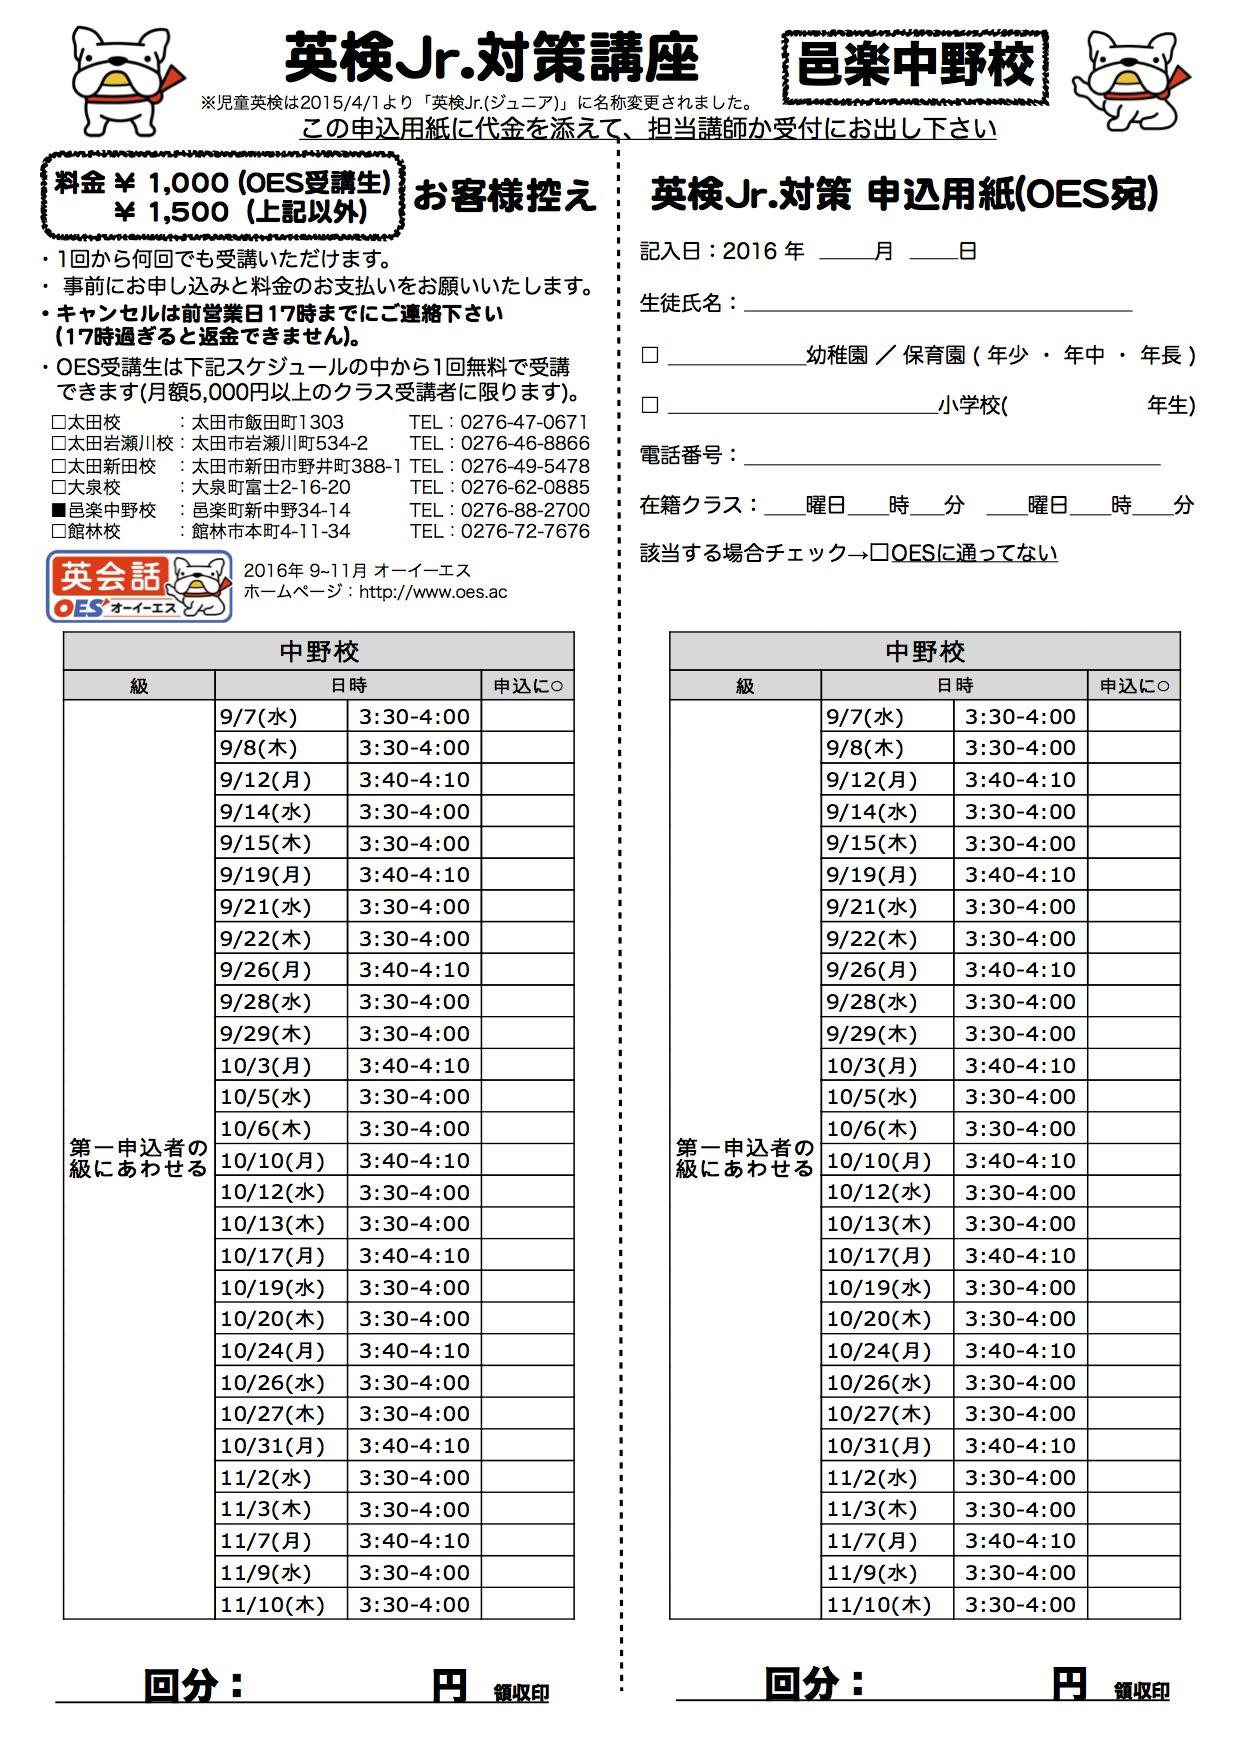 申込用紙 2016-2 中野校 9-11月